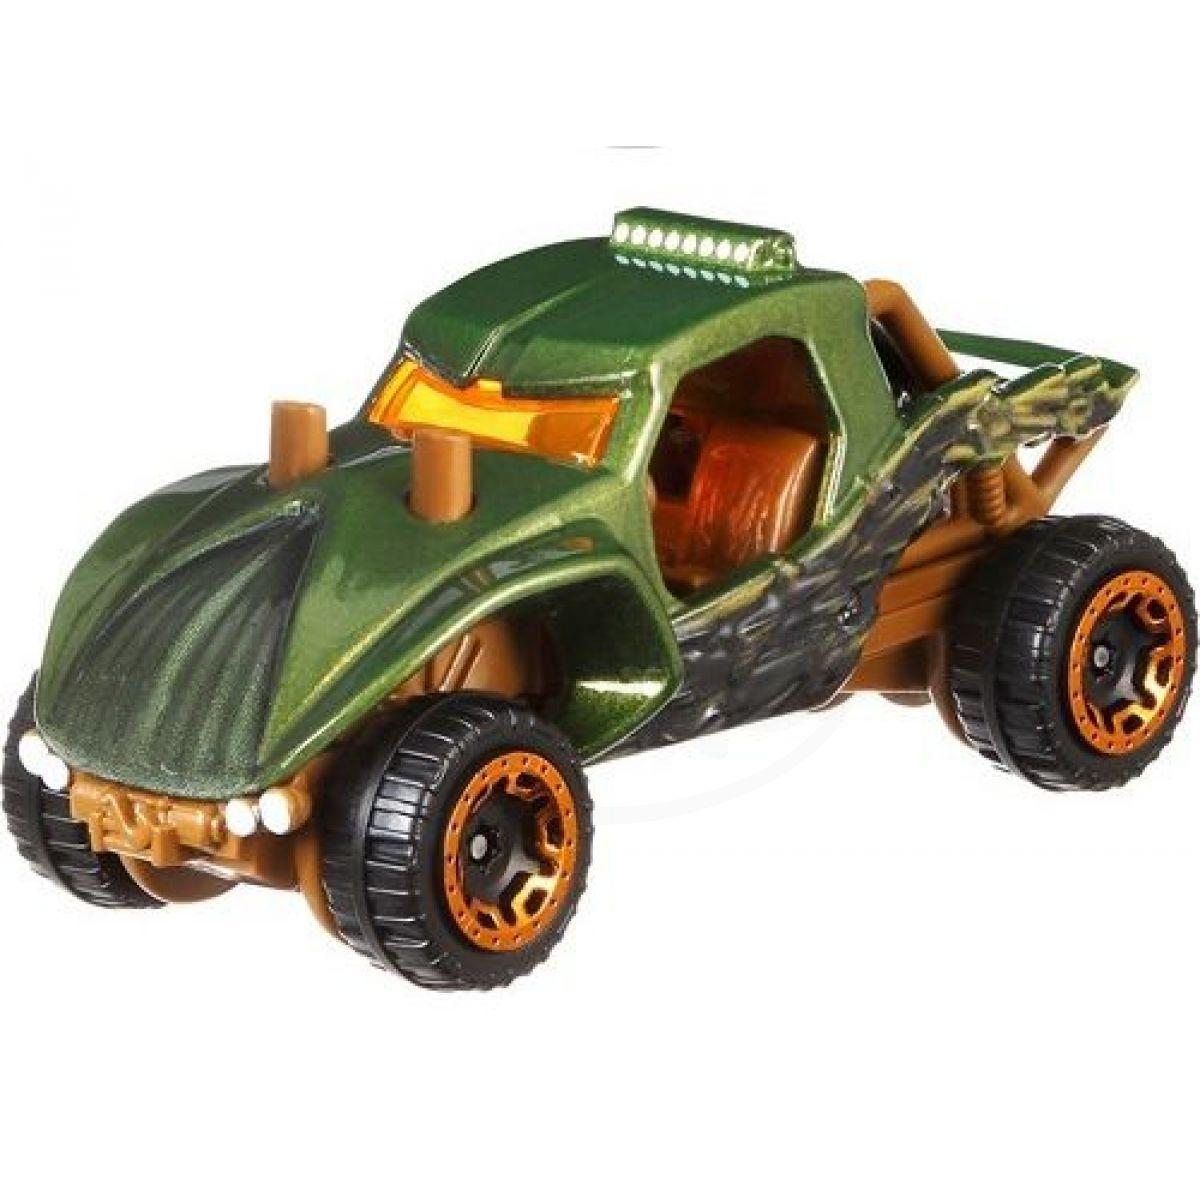 Hot Wheels DC kultovní angličák Swamp Thing